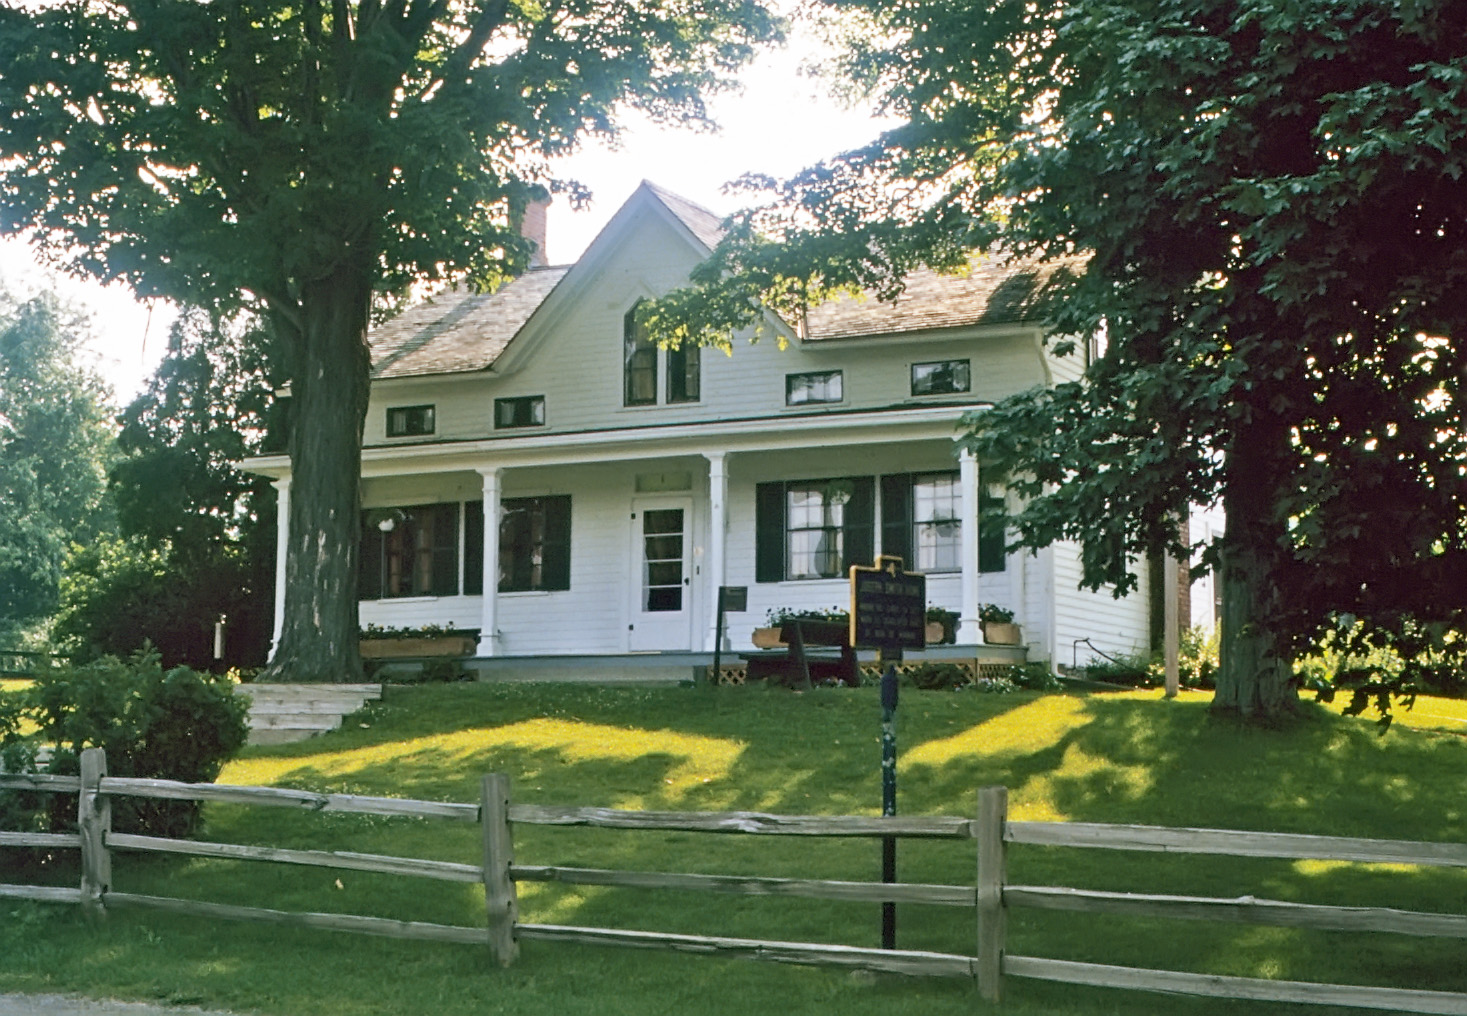 Joseph Smith, Sr. Frame Home